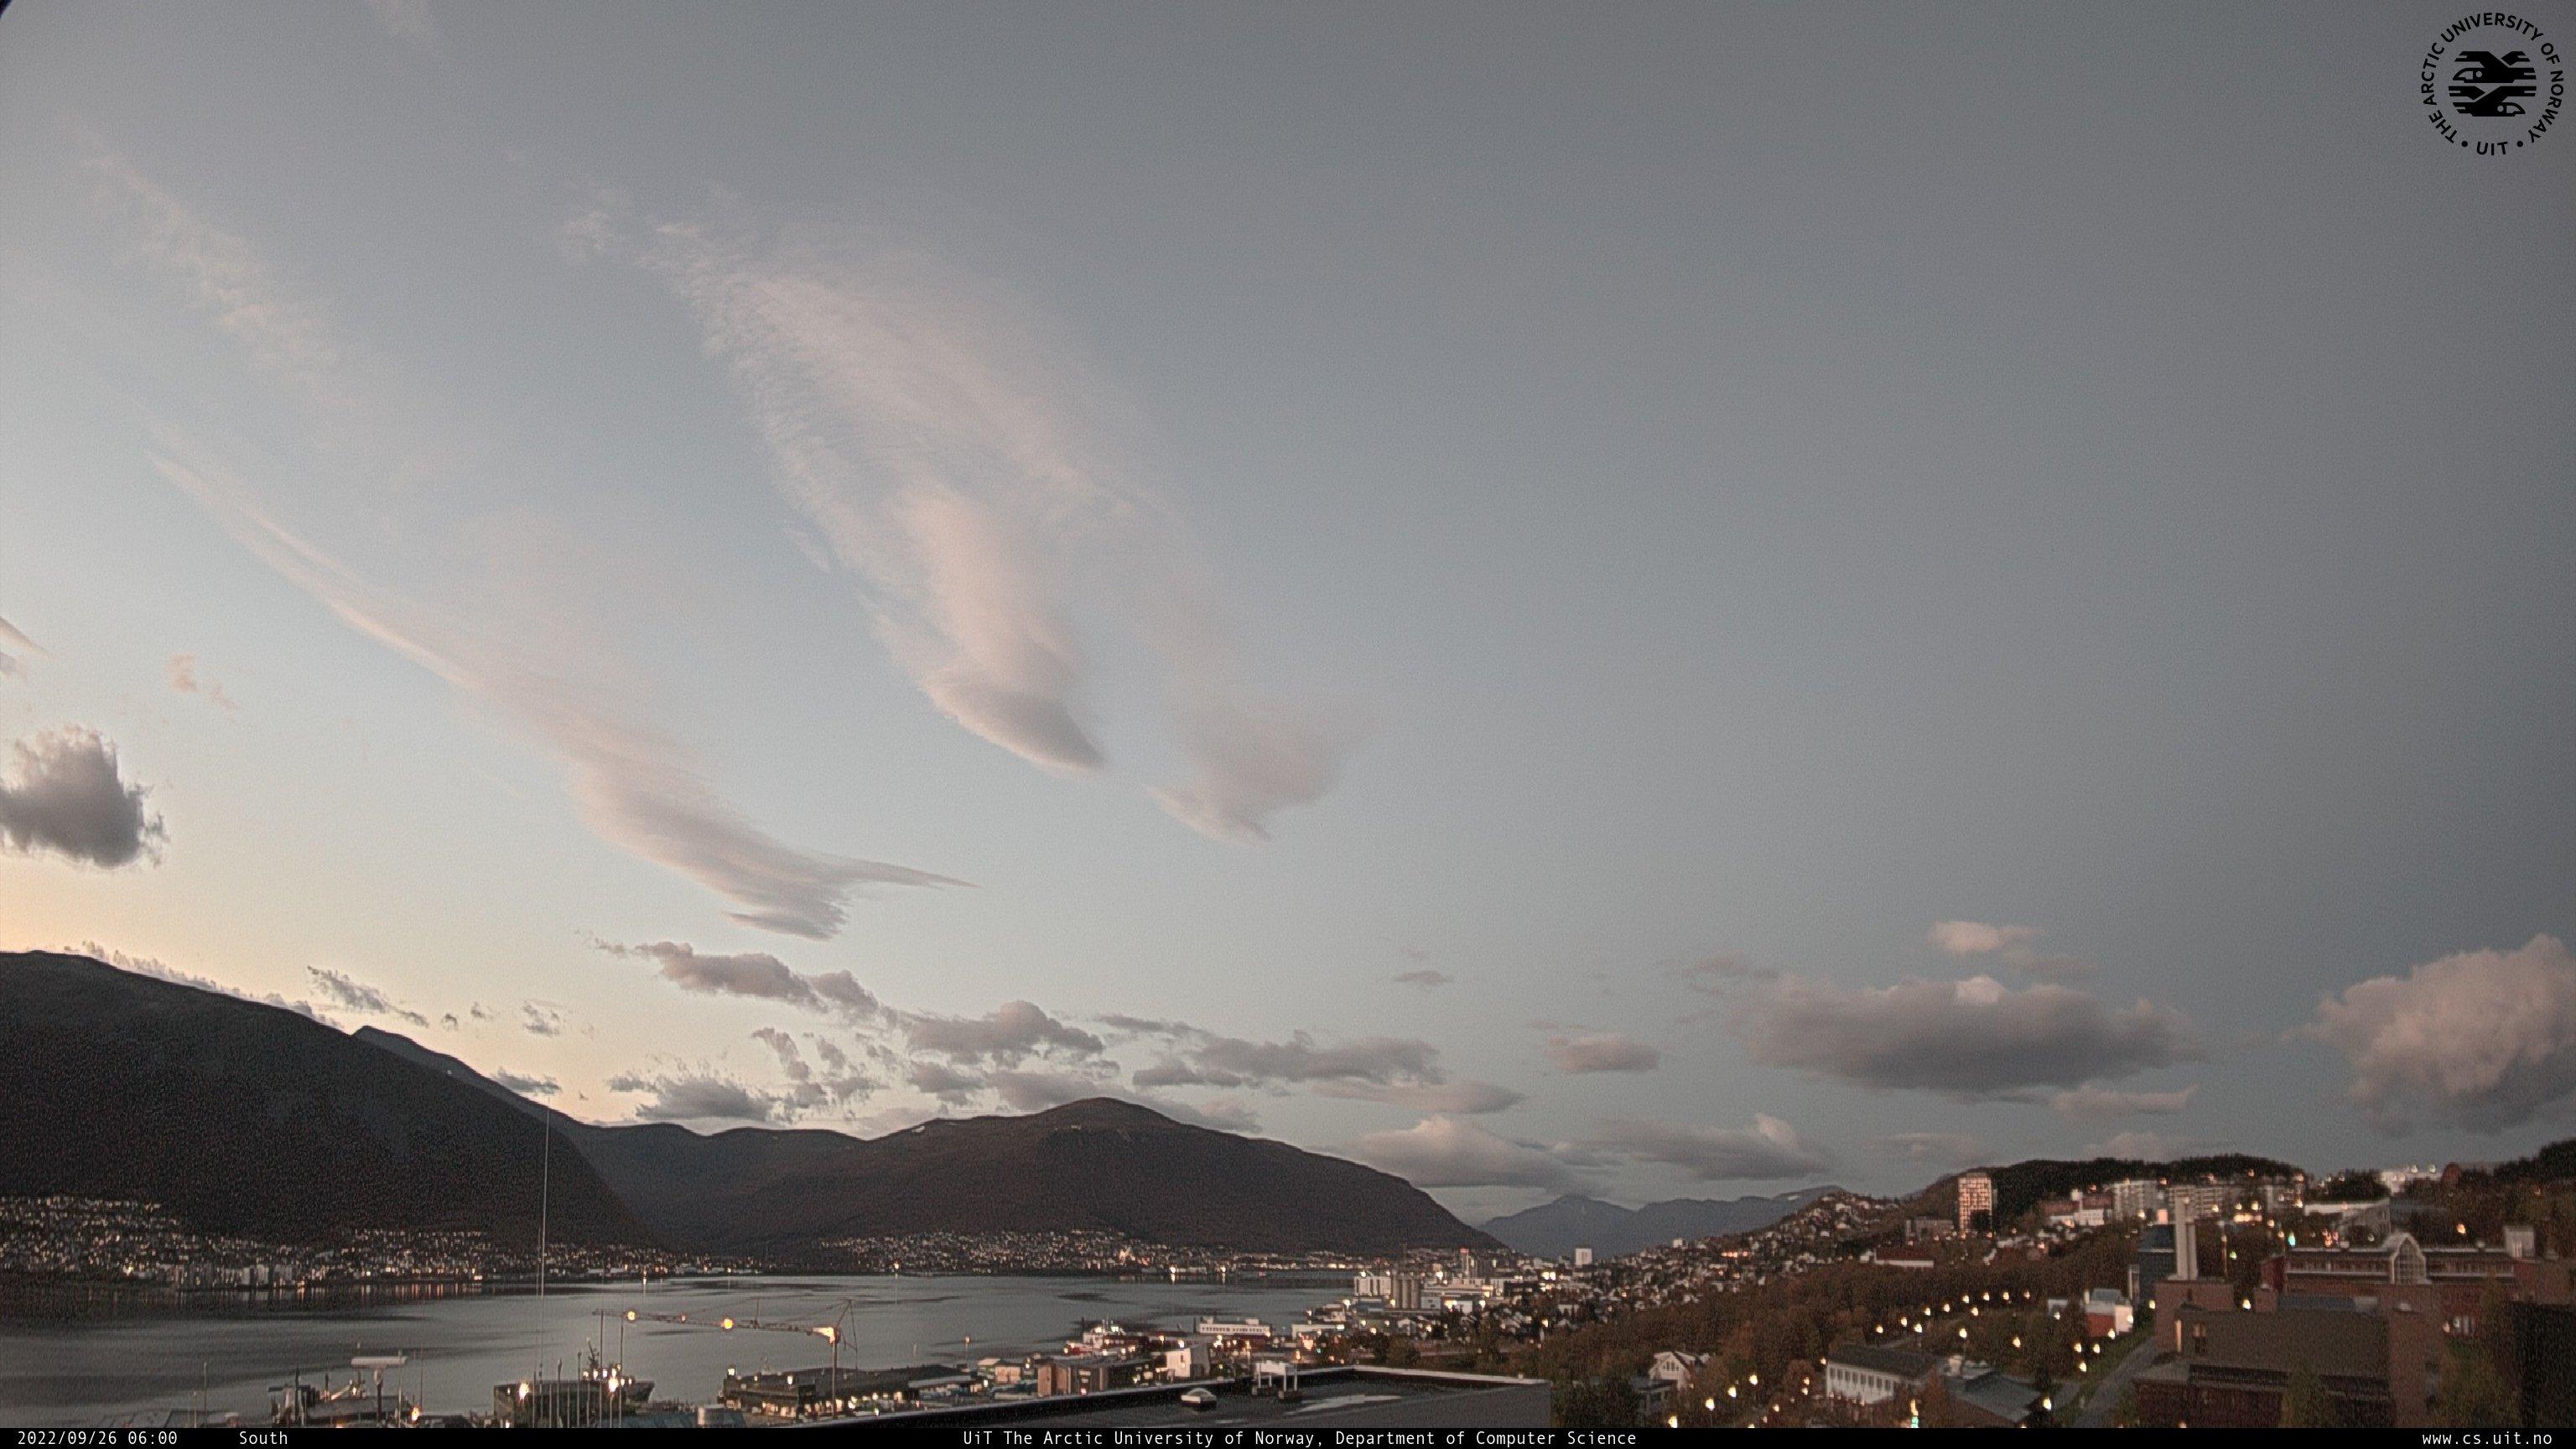 Webcam der Arctic University of Norway in Tromso